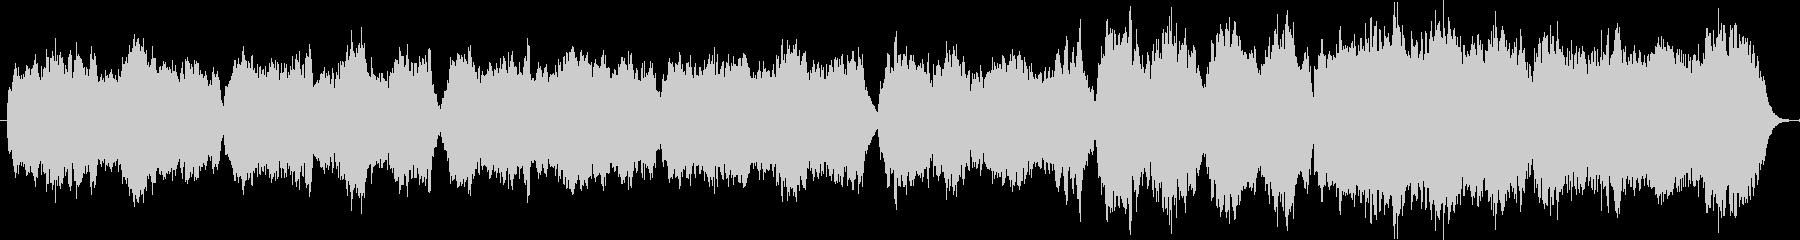 木管とチェンバロの三拍子のバロック曲の未再生の波形